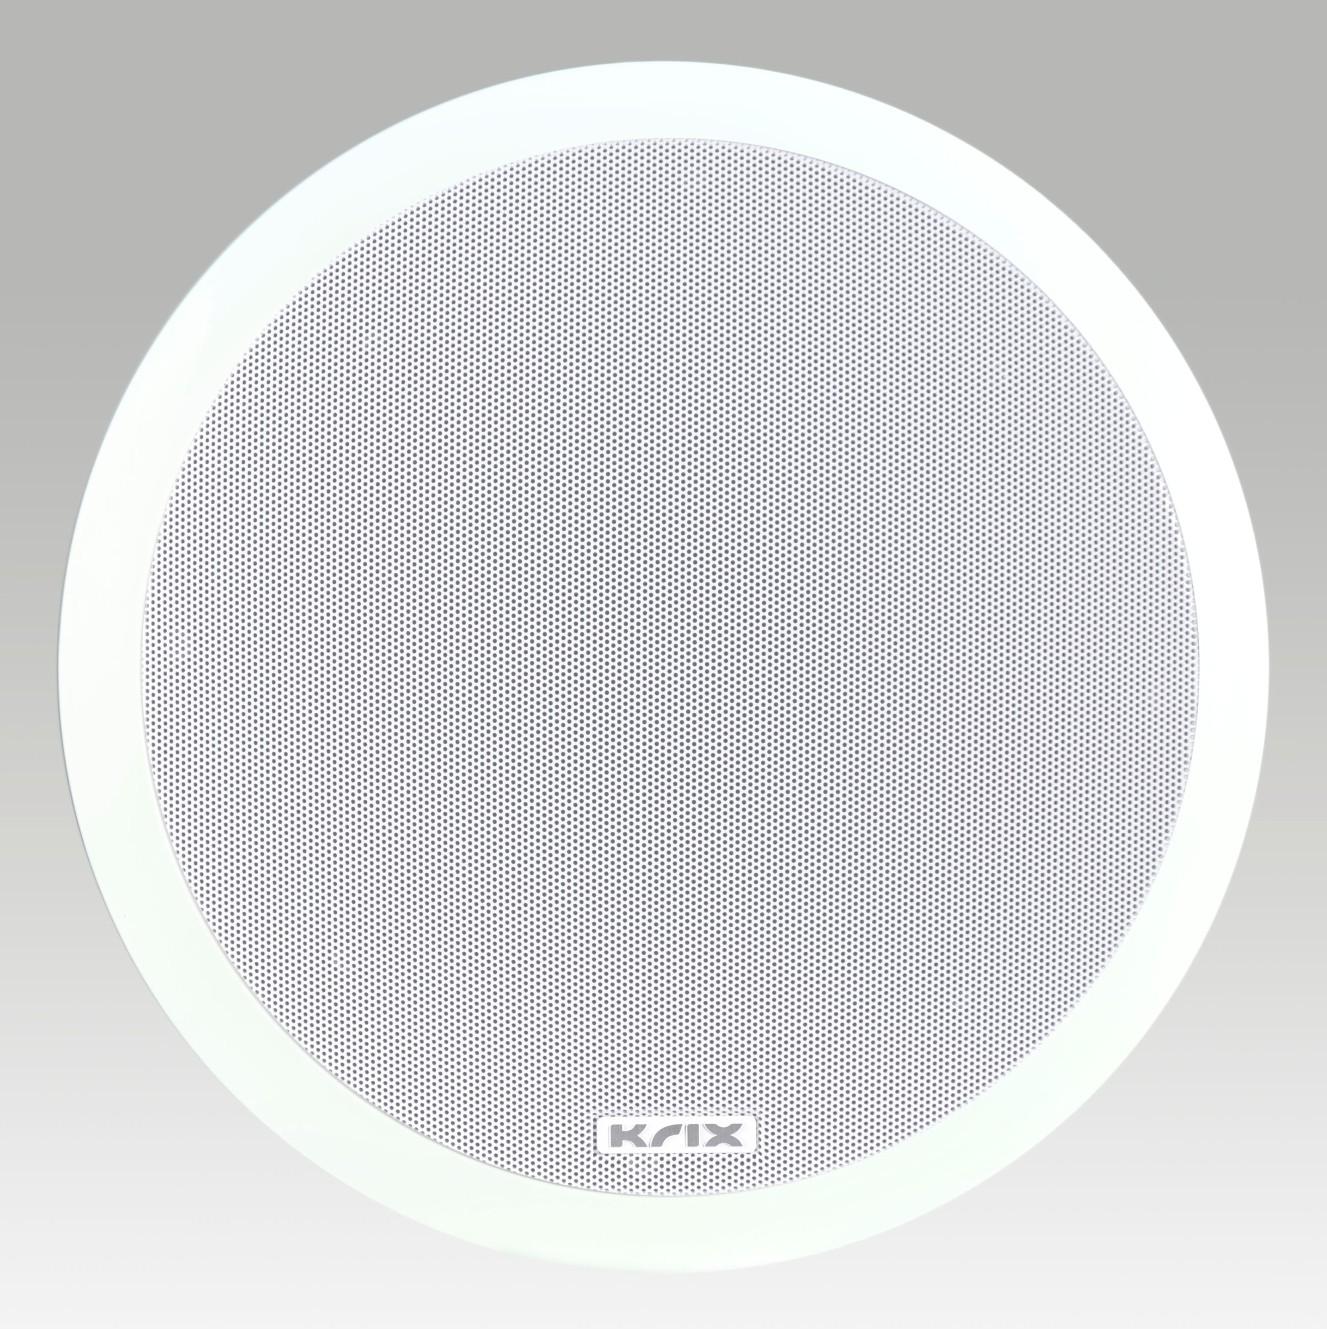 Krix Stratospherix Outdoor In Ceiling Speakers Multiroom